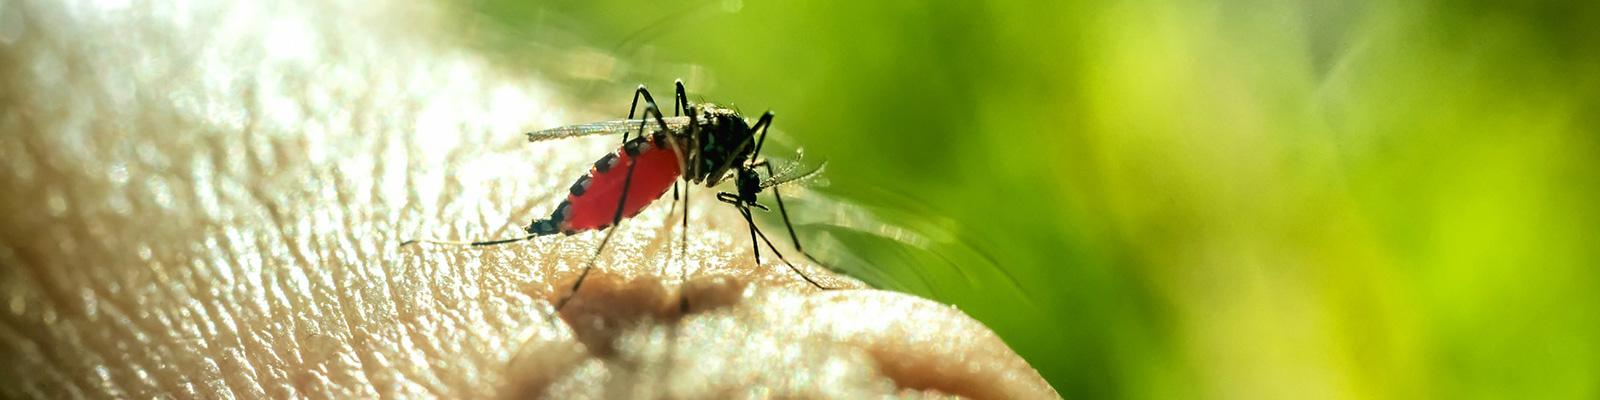 蚊 イメージ